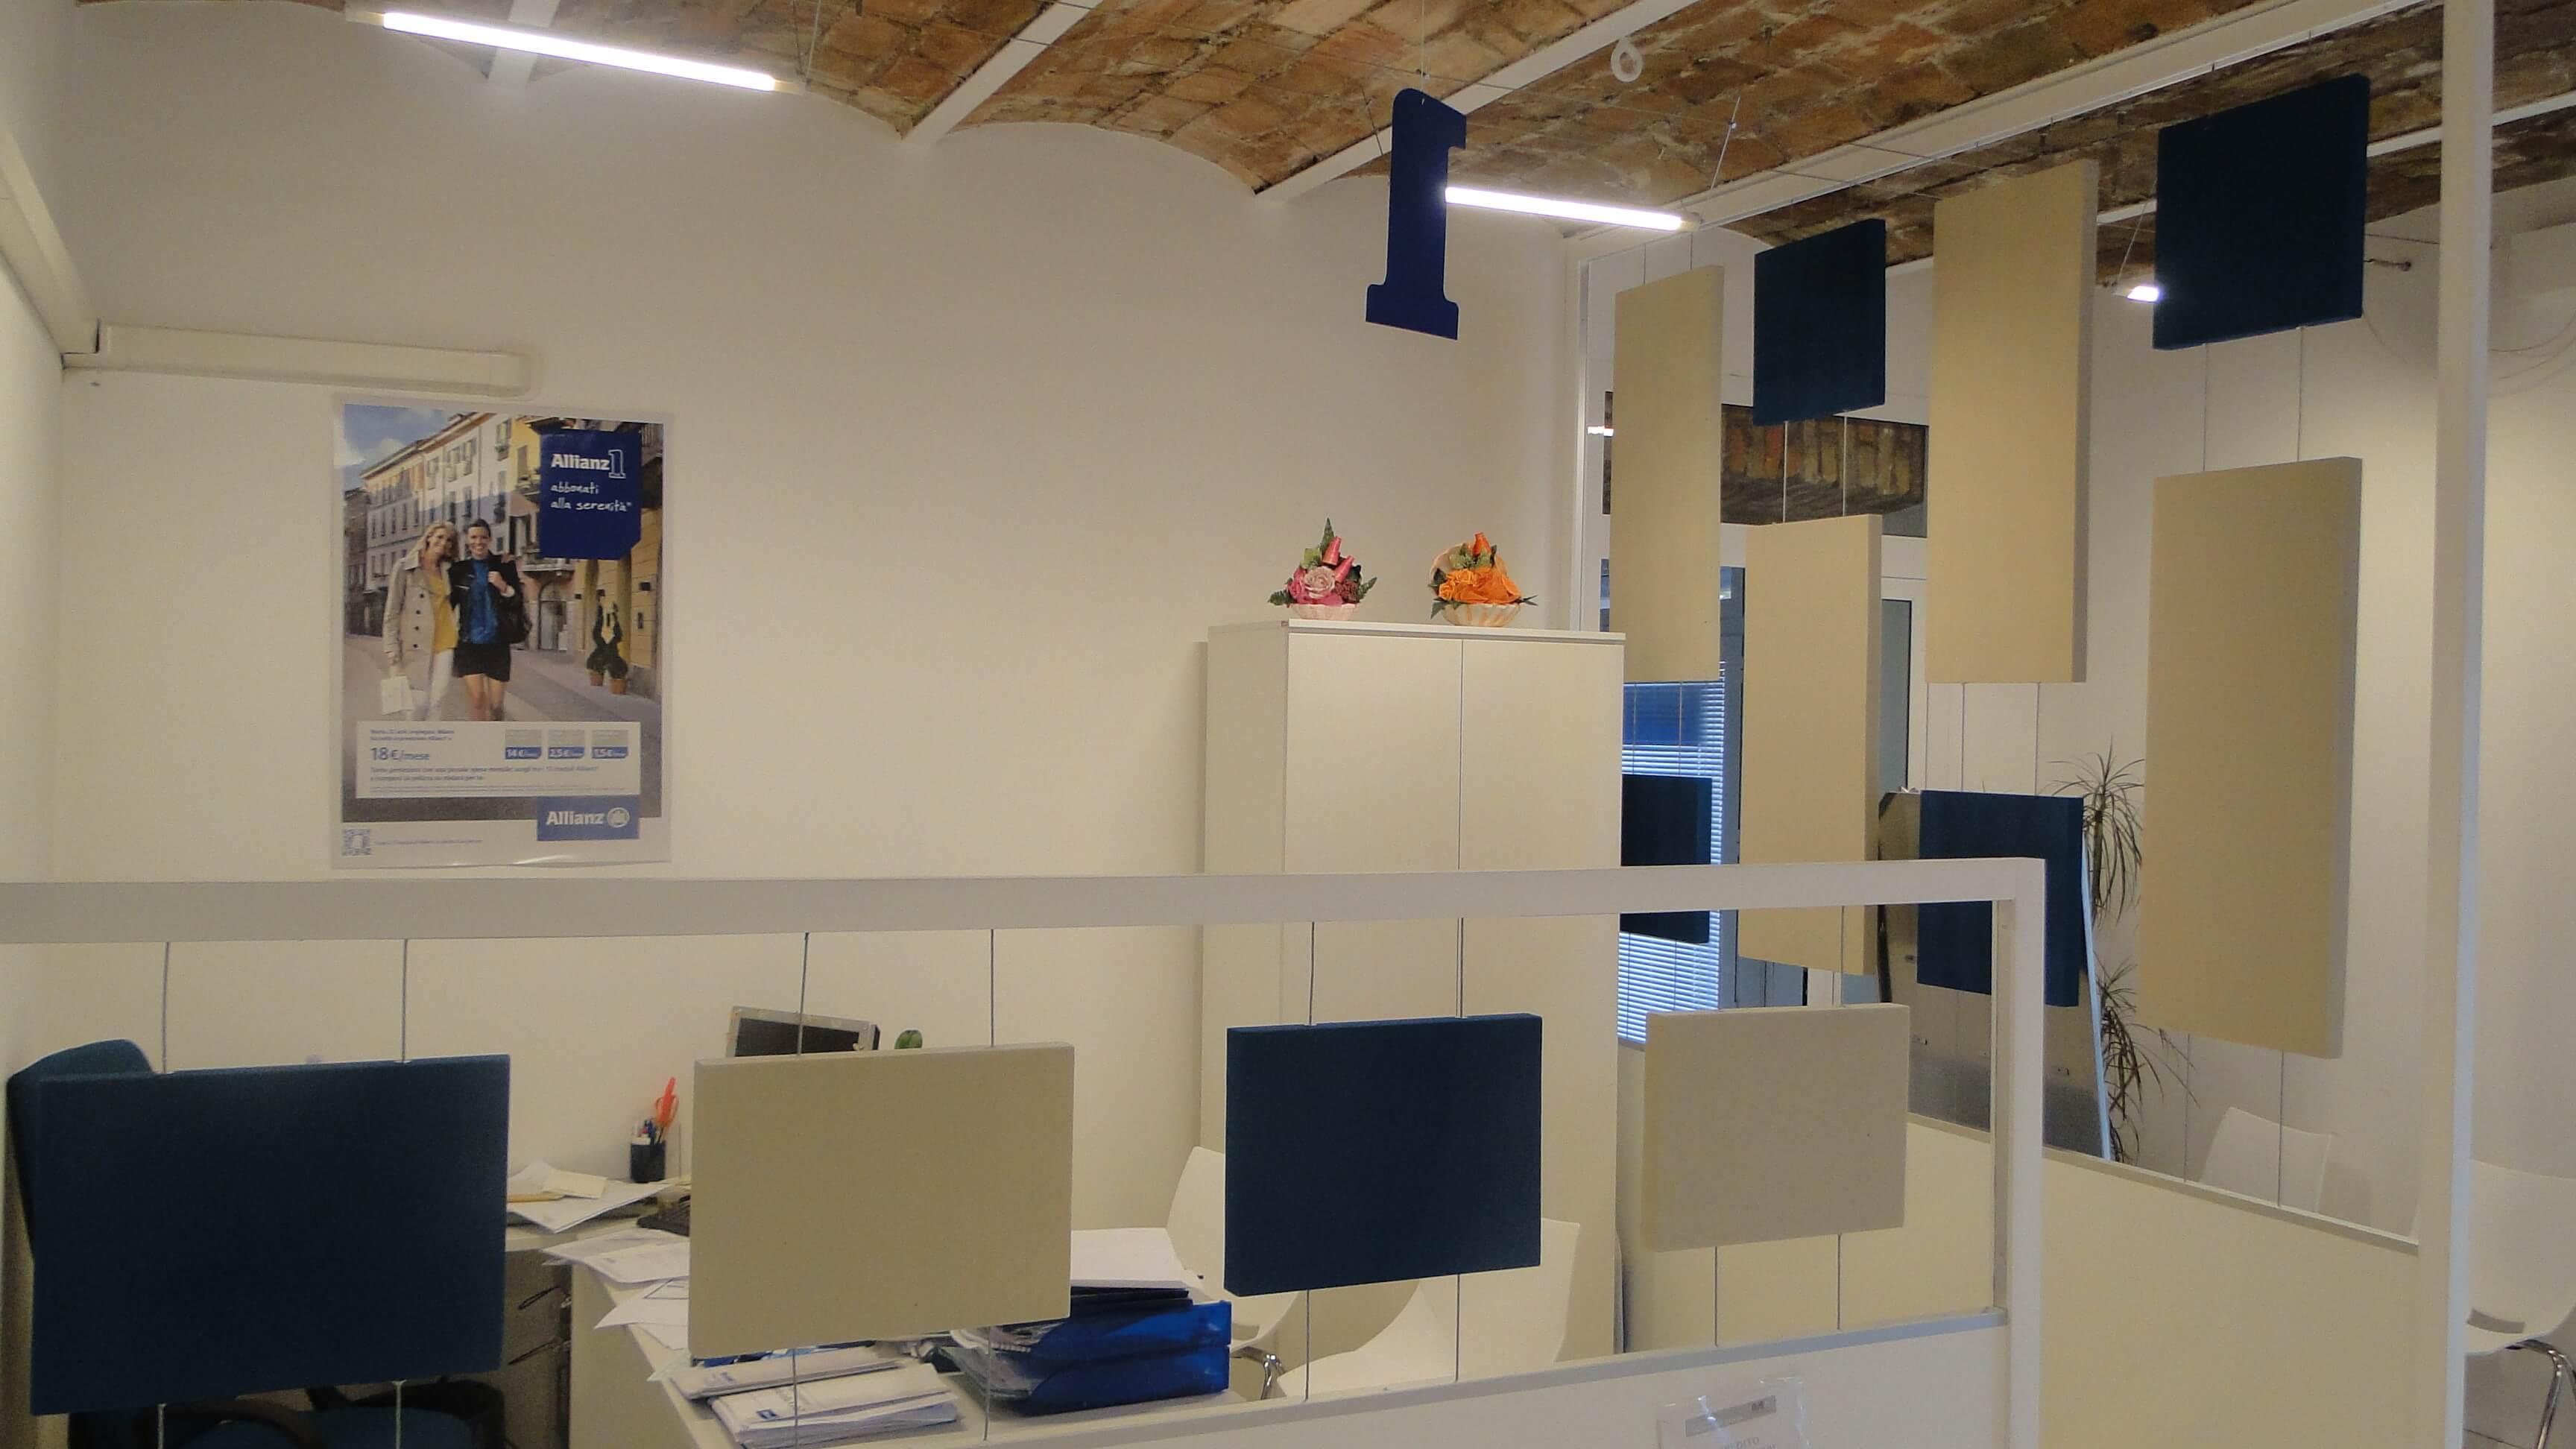 Realizzazione Ufficio Roma – Milano Assicurazioni (9)